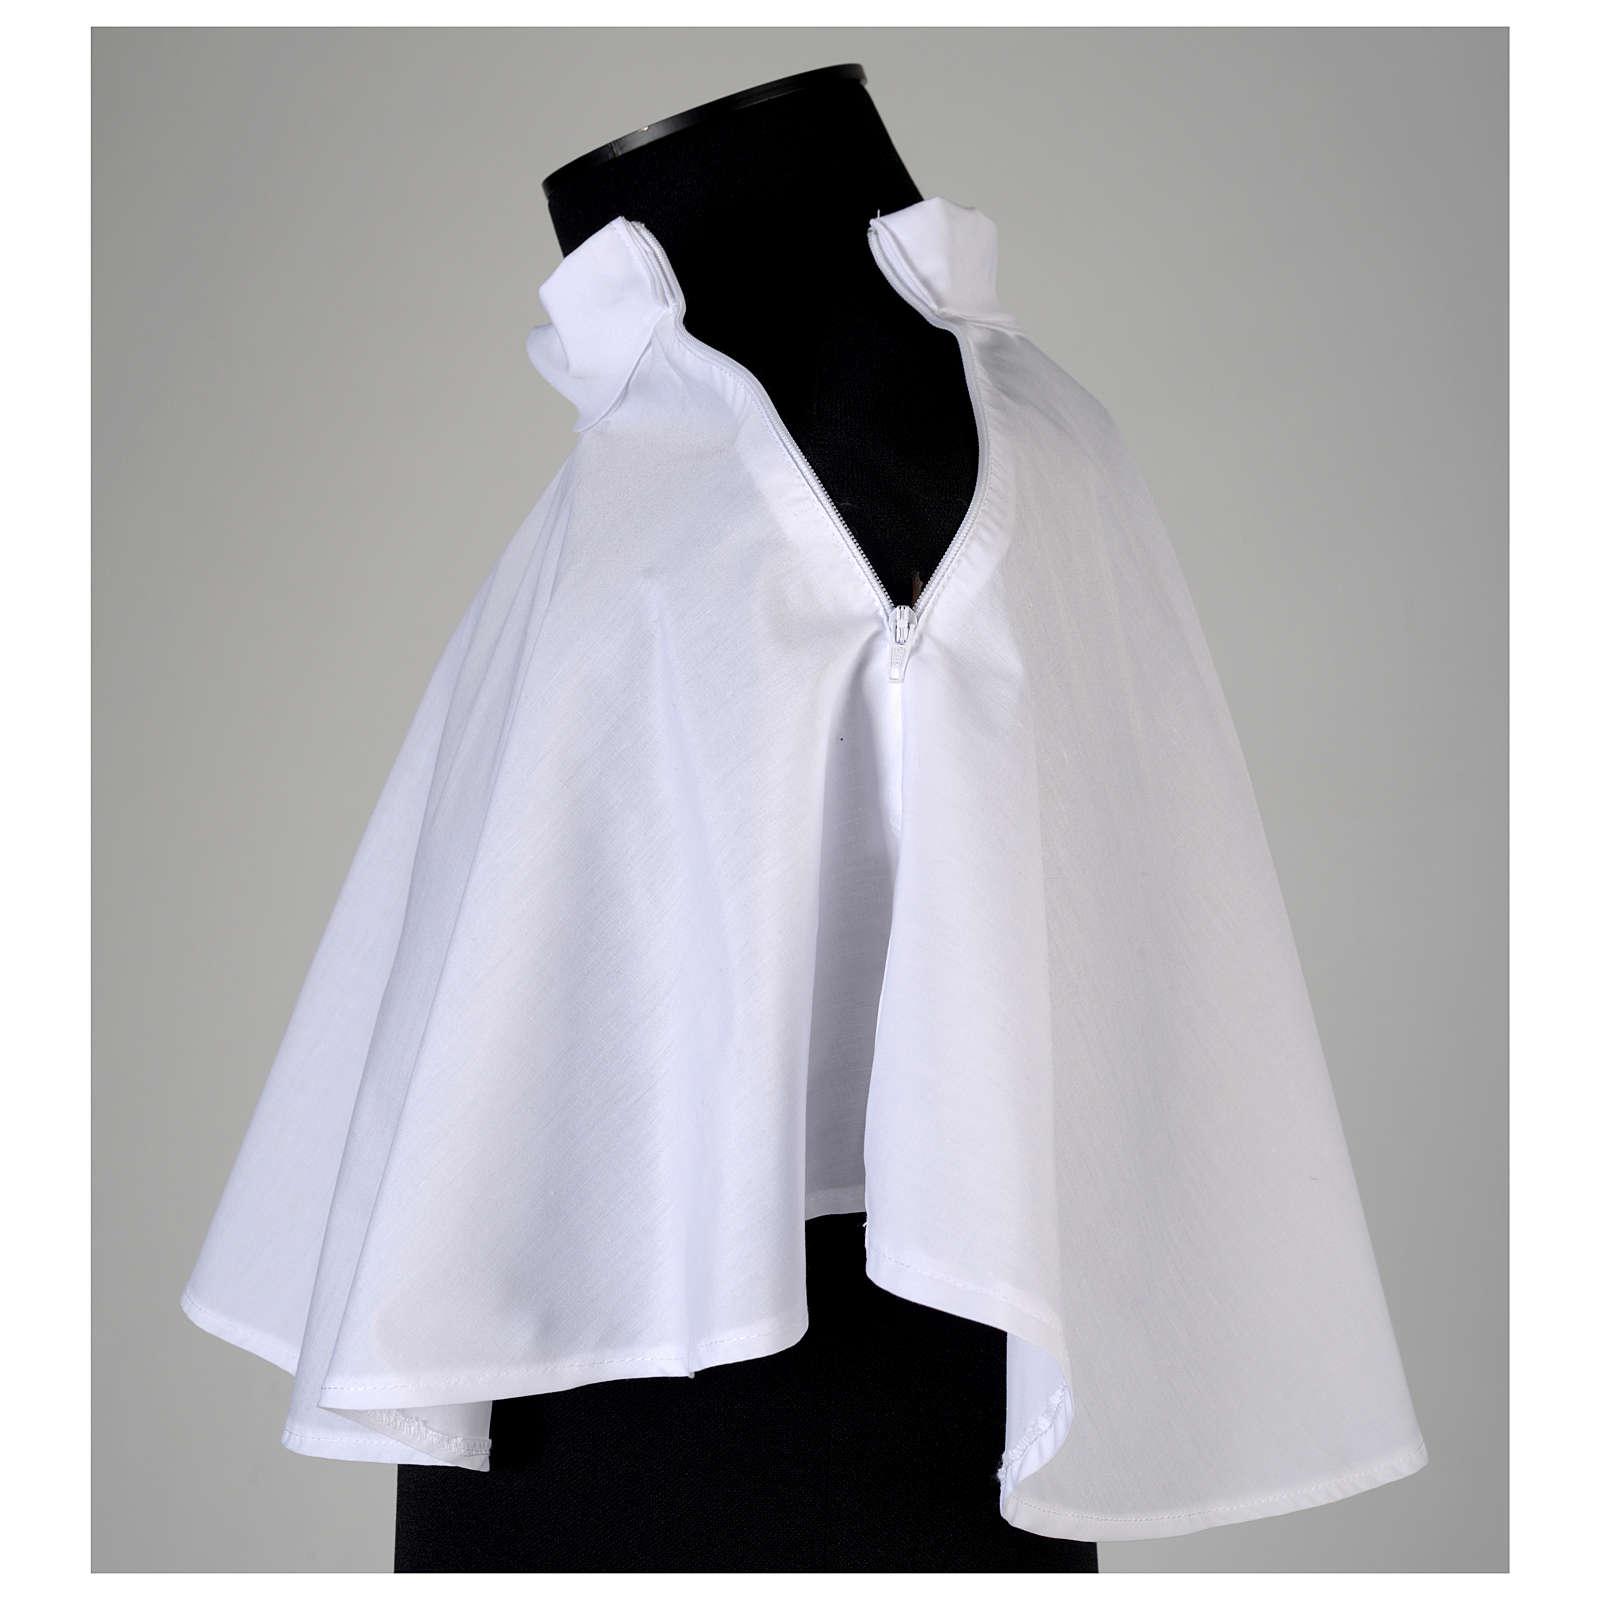 Amitto bianco con cerniera spalla in misto cotone 4